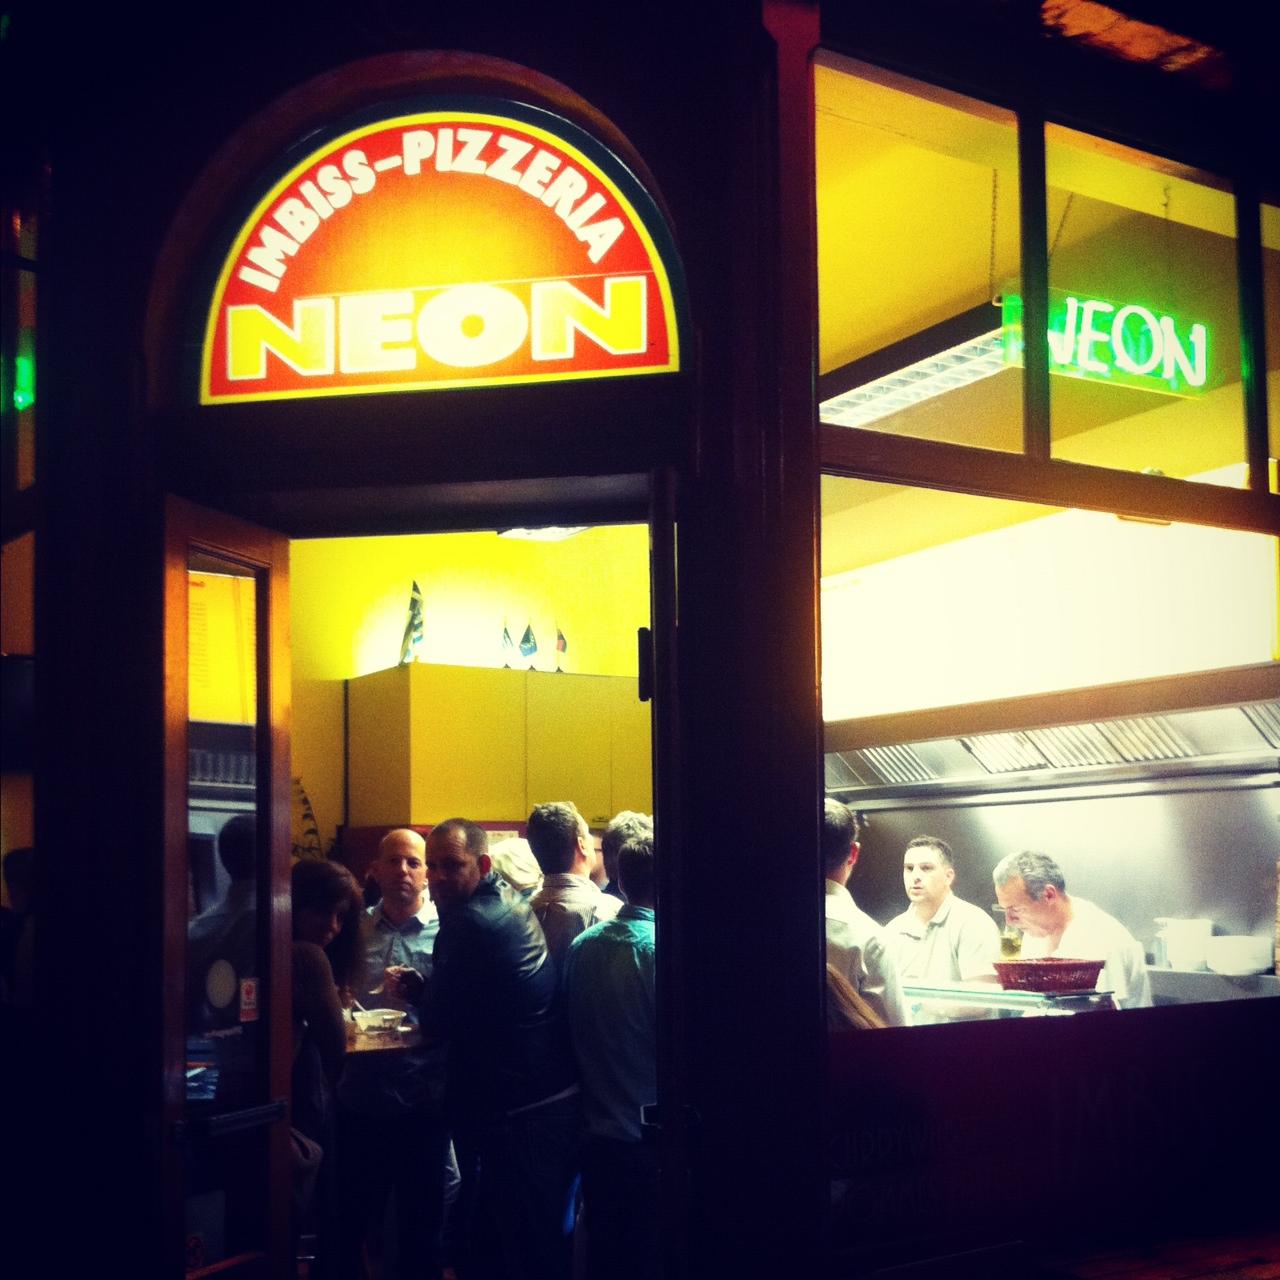 Keine Party ohne Neon – Pommes am Friesenplatz!